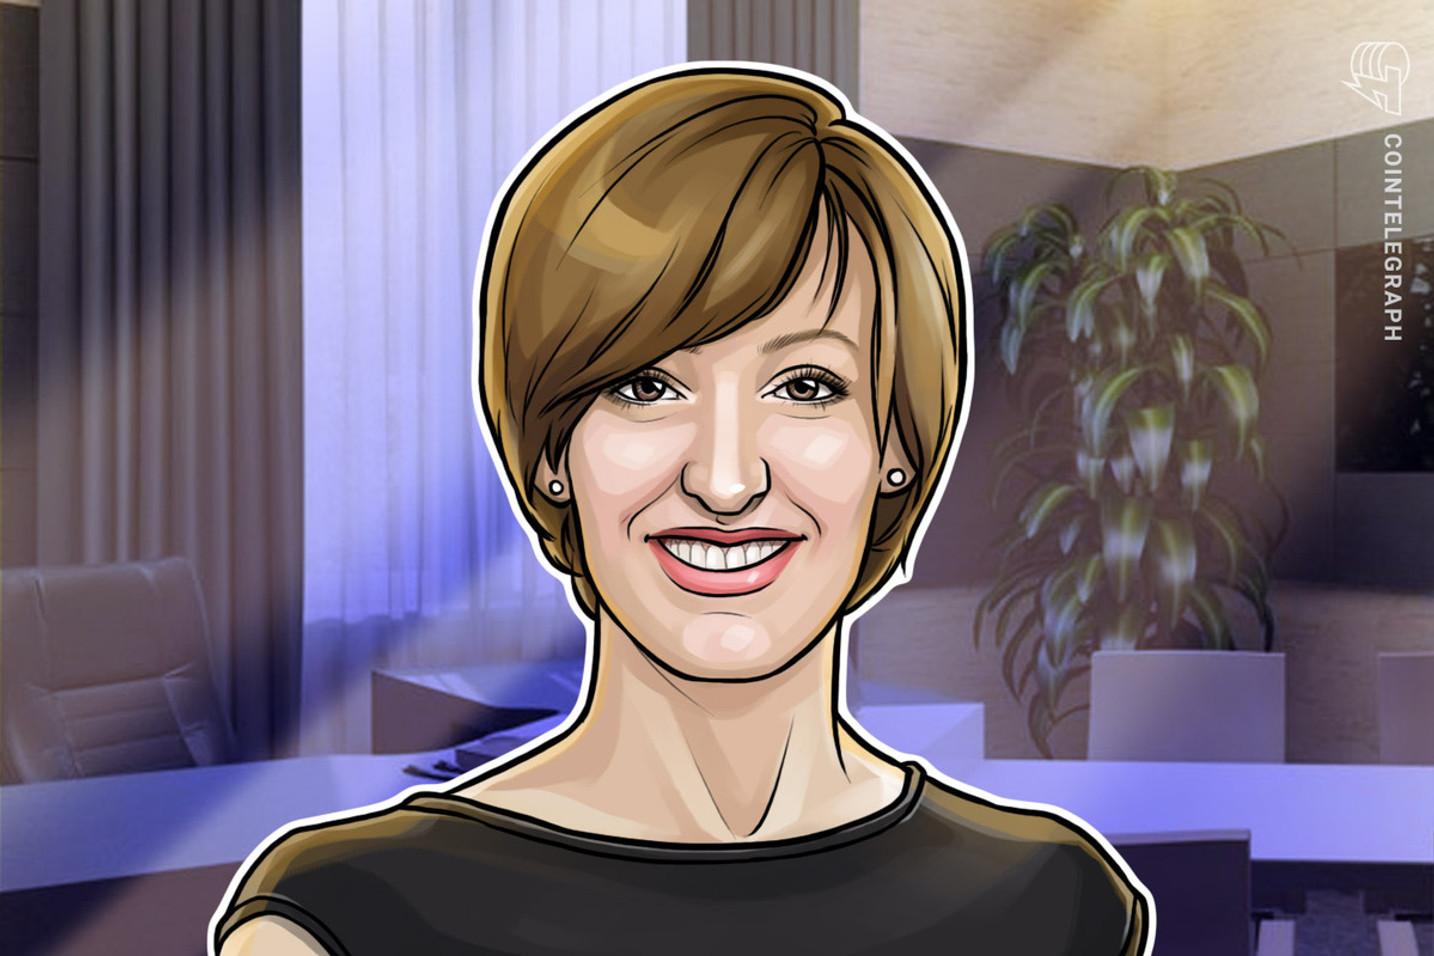 'Bitcoin em US$ 1 milhão forçará o JP Morgan a mudar por segurança', diz Caitlin Long